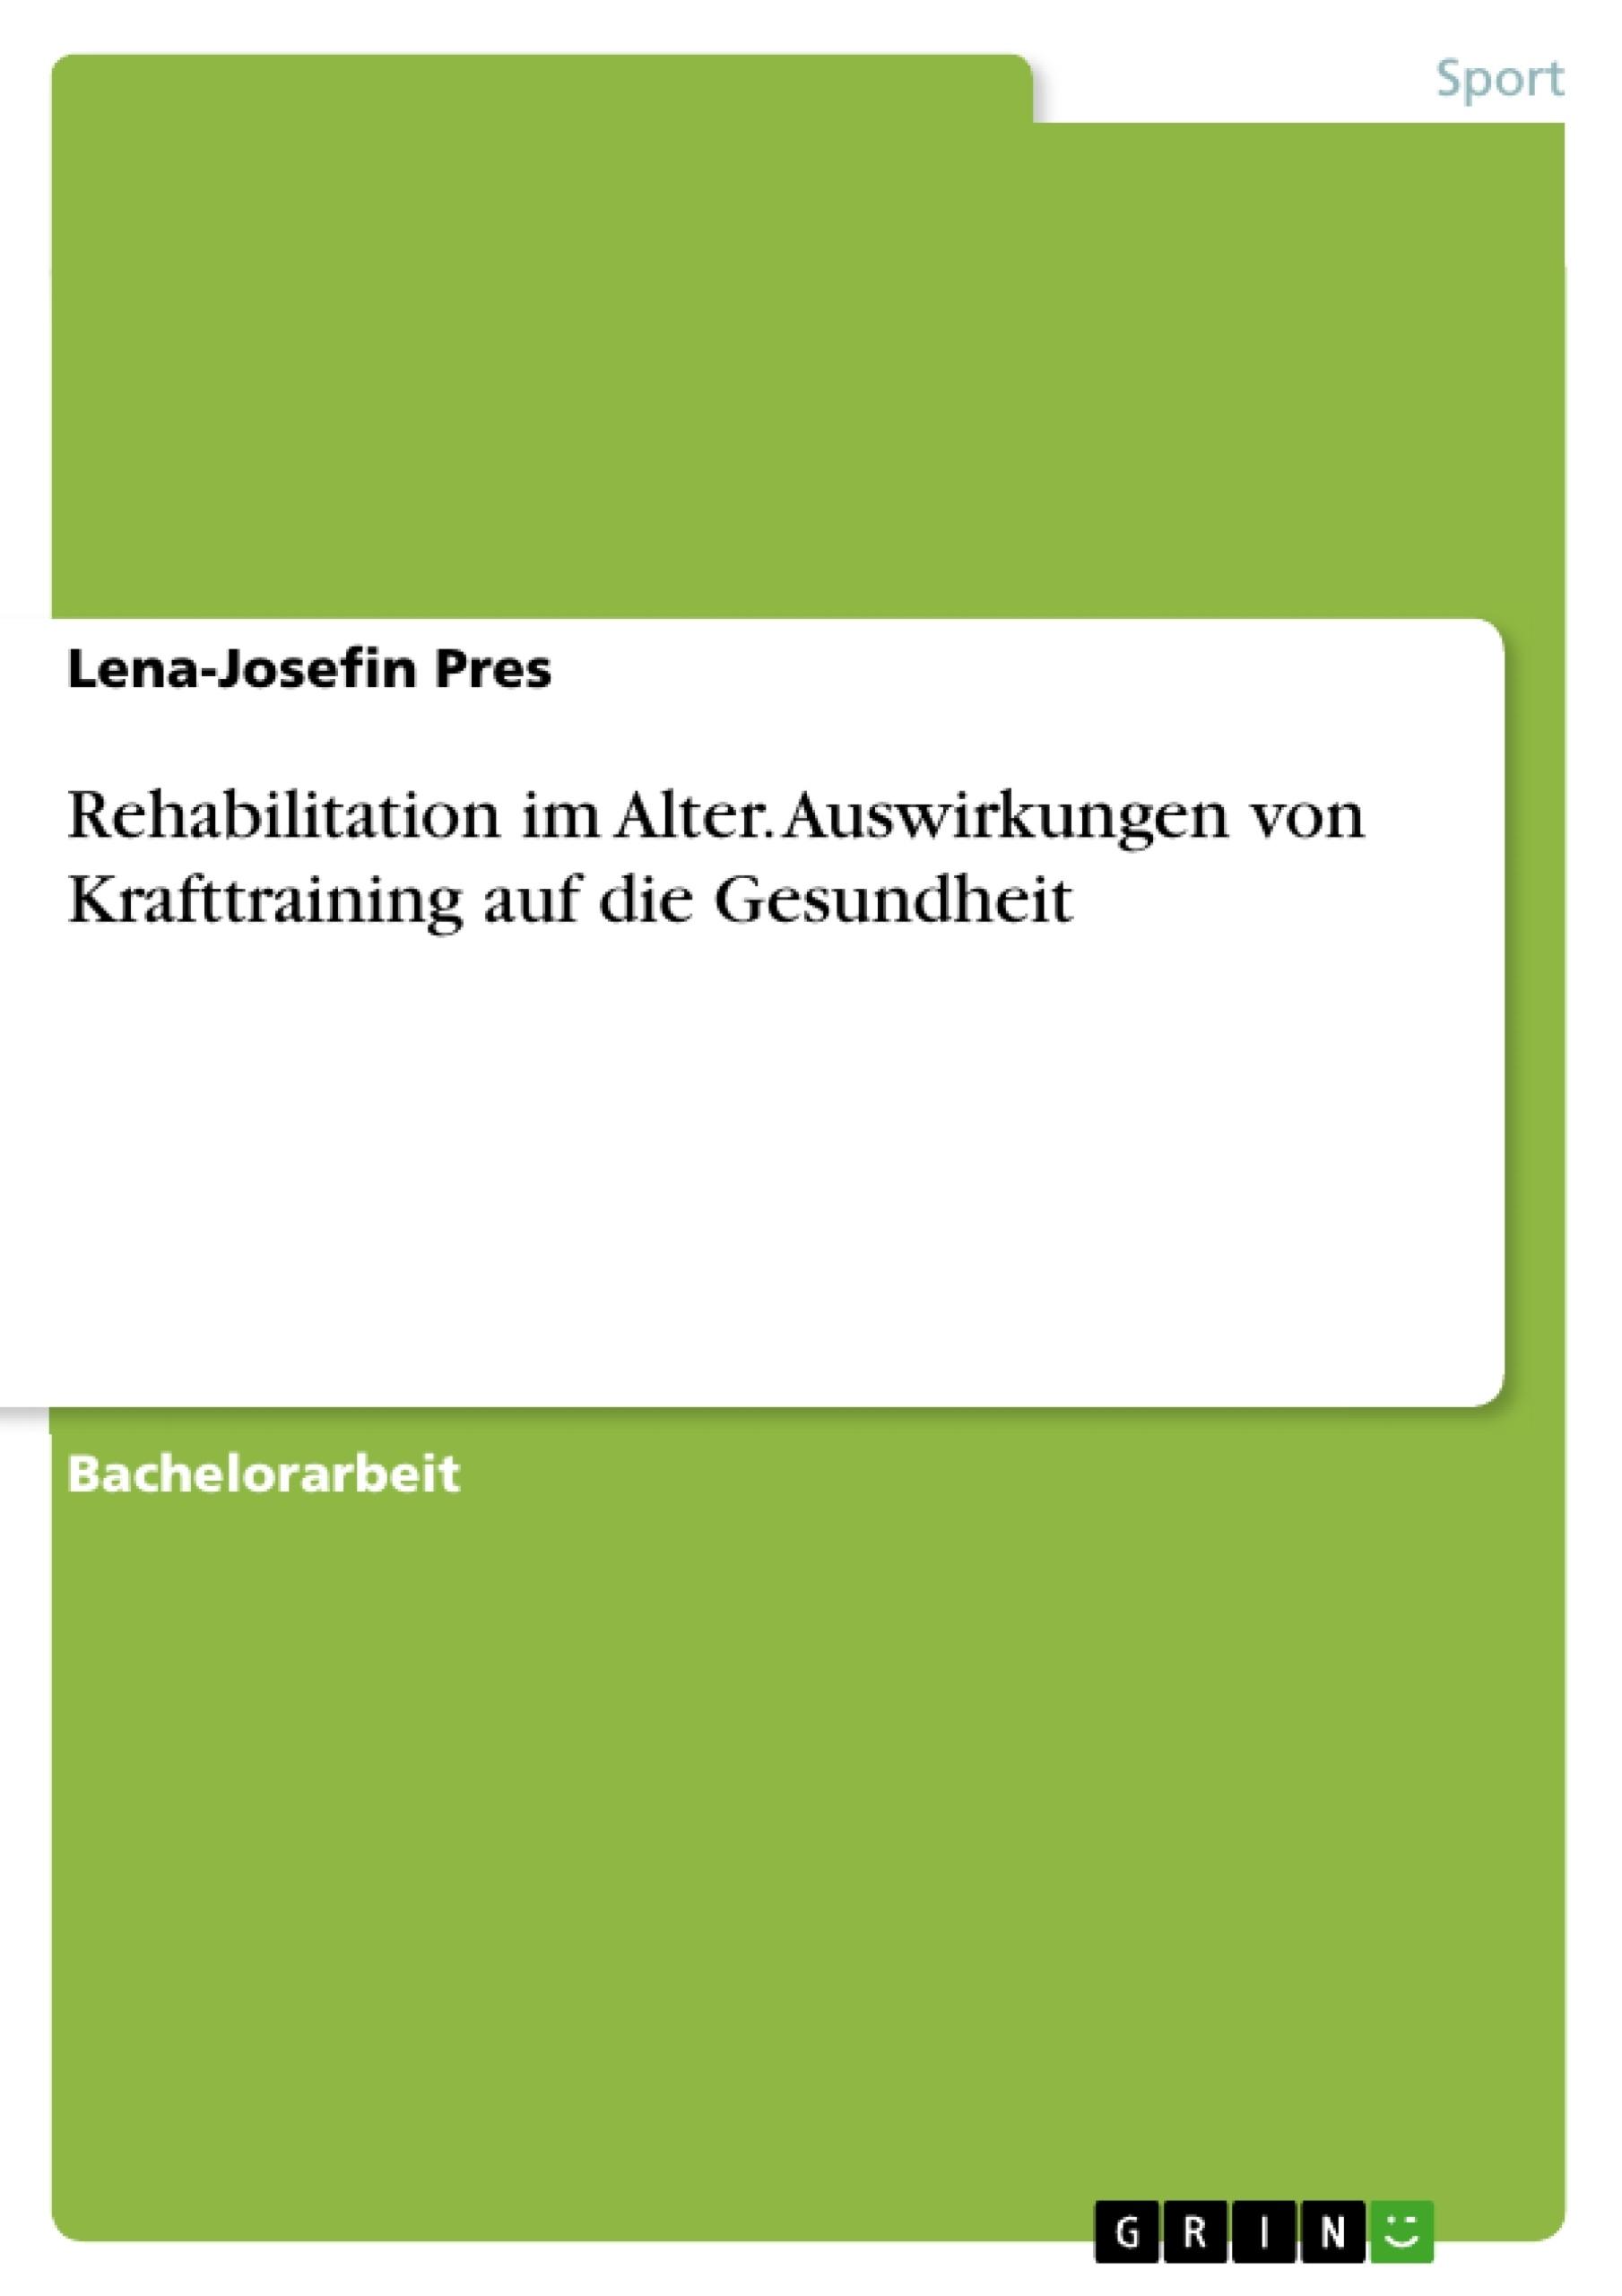 Titel: Rehabilitation im Alter. Auswirkungen von Krafttraining auf die Gesundheit